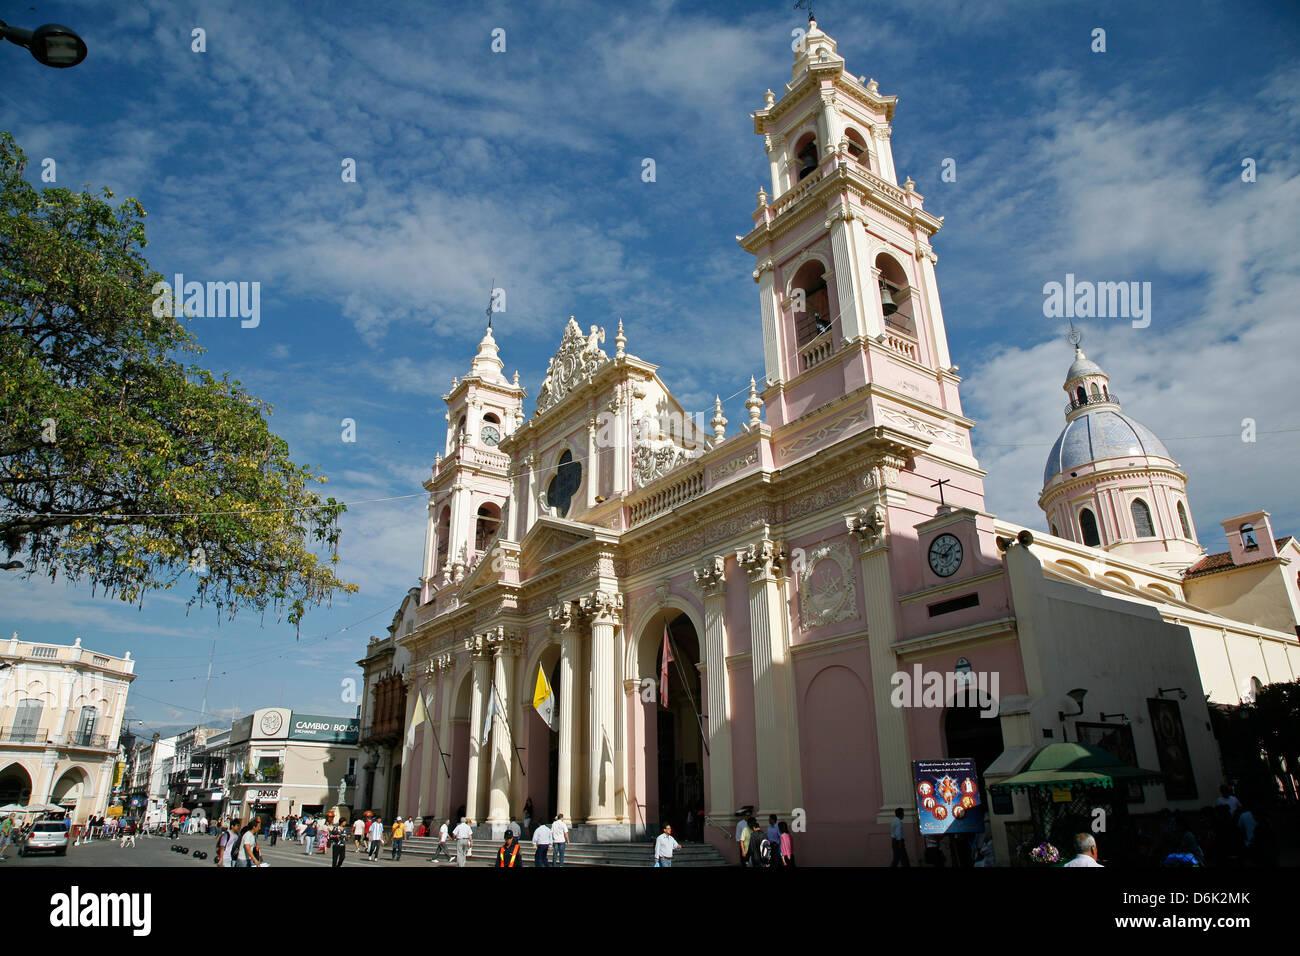 Iglesia Catedral, la cathédrale principale sur 9 Julio Square, Salta City, Argentine, Amérique du Sud Photo Stock